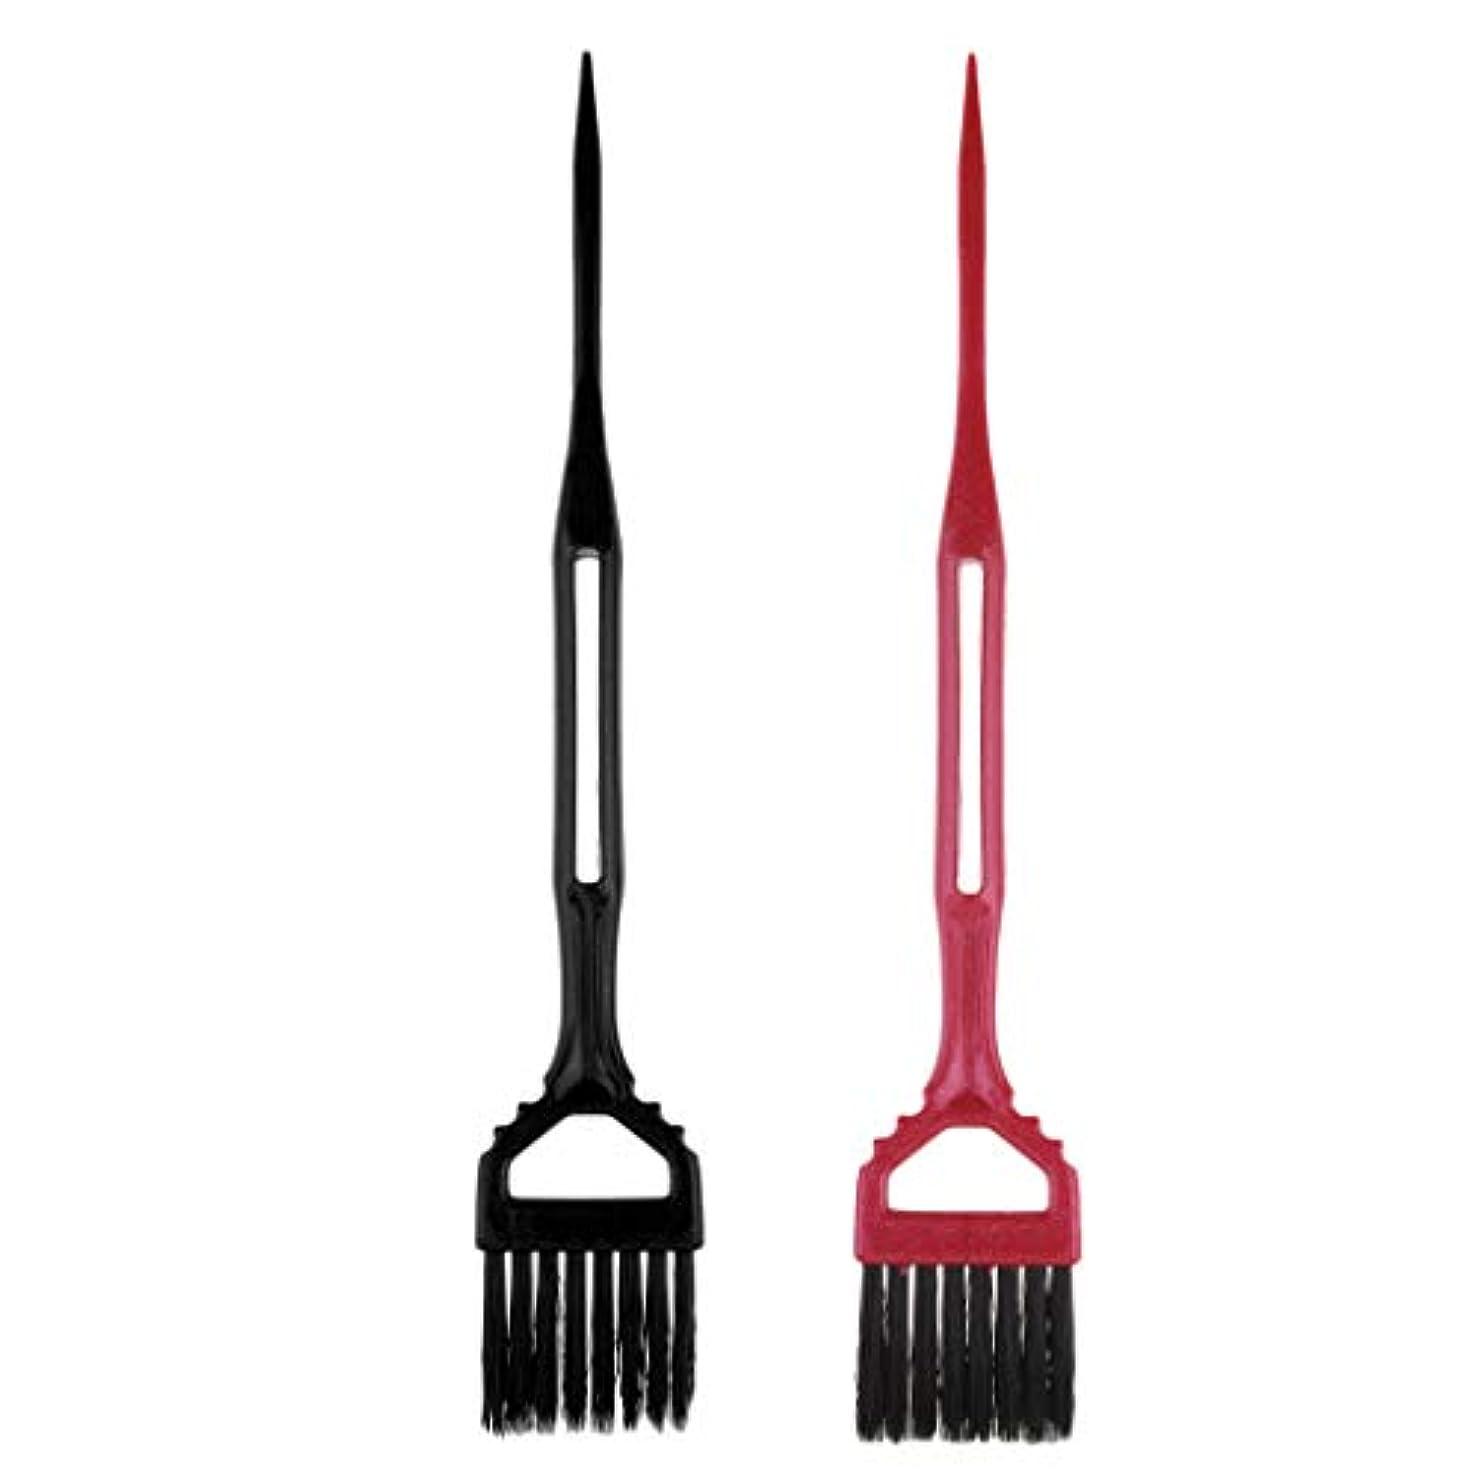 常に研磨コアToygogo 2サロン理髪髪染め櫛分布ブラシツールのセット髪型染め染め櫛ツール